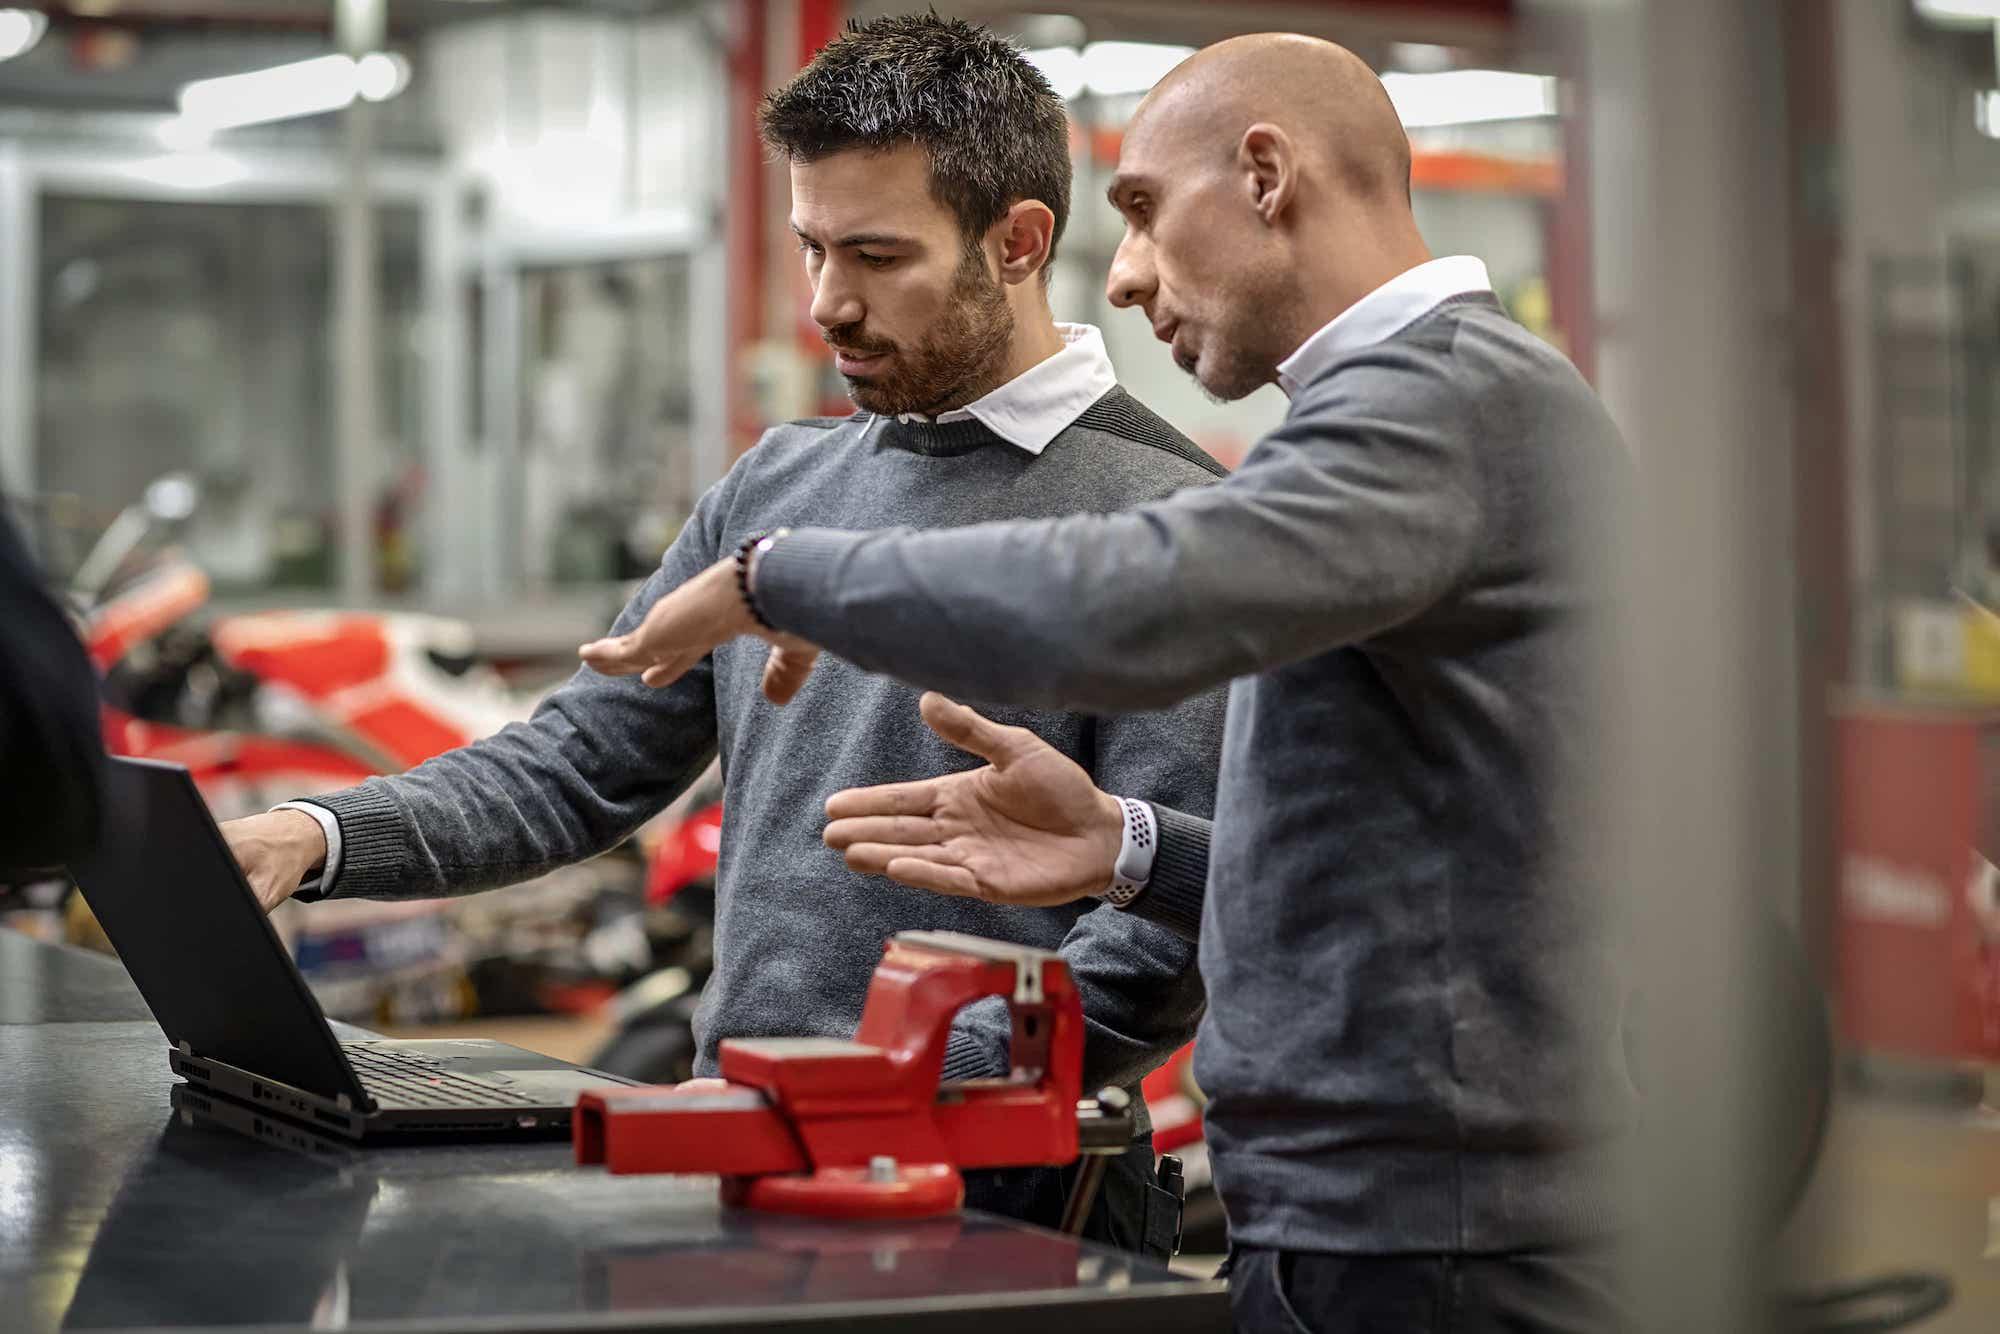 Ducati 生産ライン停止を25日まで延長